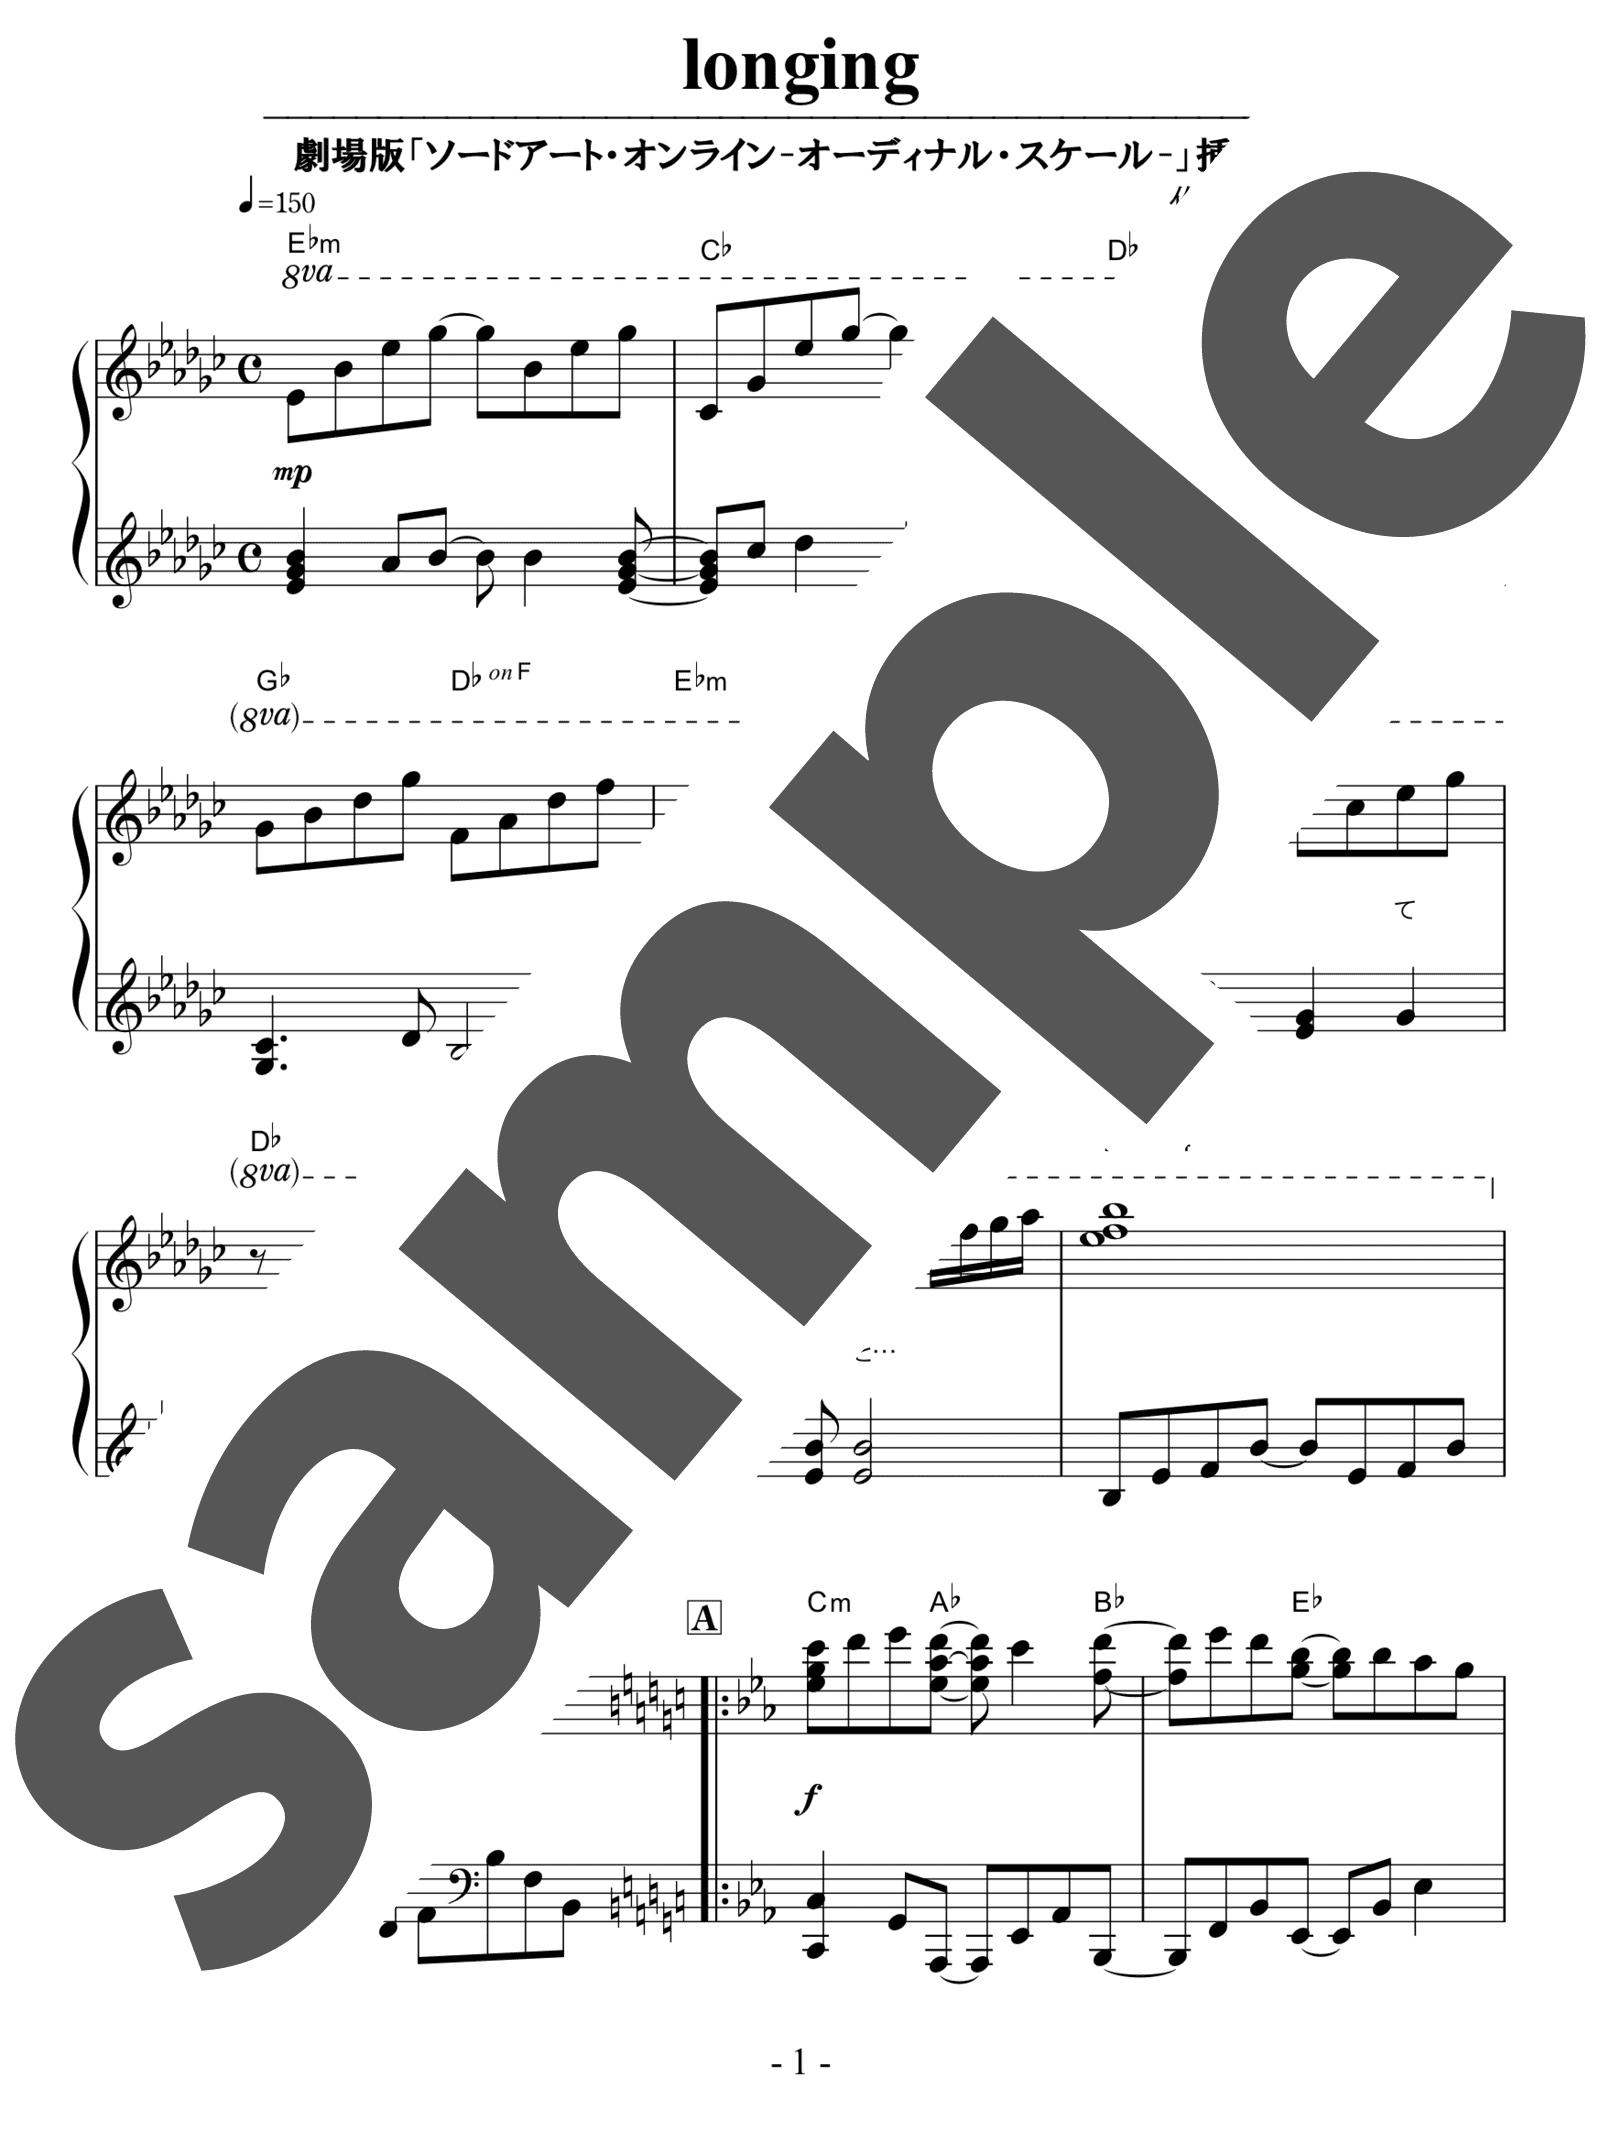 「longing」のサンプル楽譜